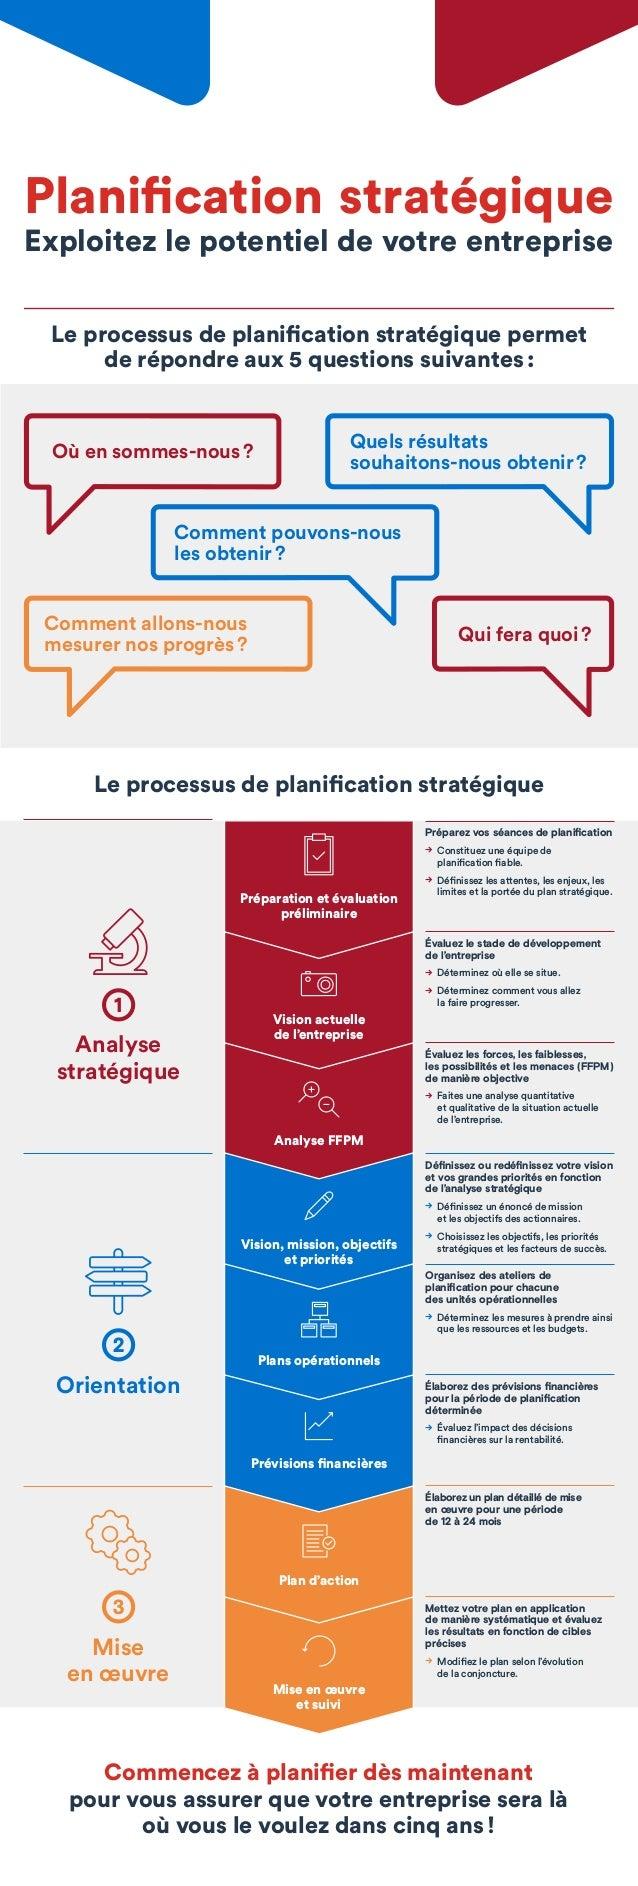 Mise en œuvre et suivi Plan d'action Prévisions financières Plans opérationnels bdc.ca BDC@bdc_ca BDC Où ensommes-nous? Q...